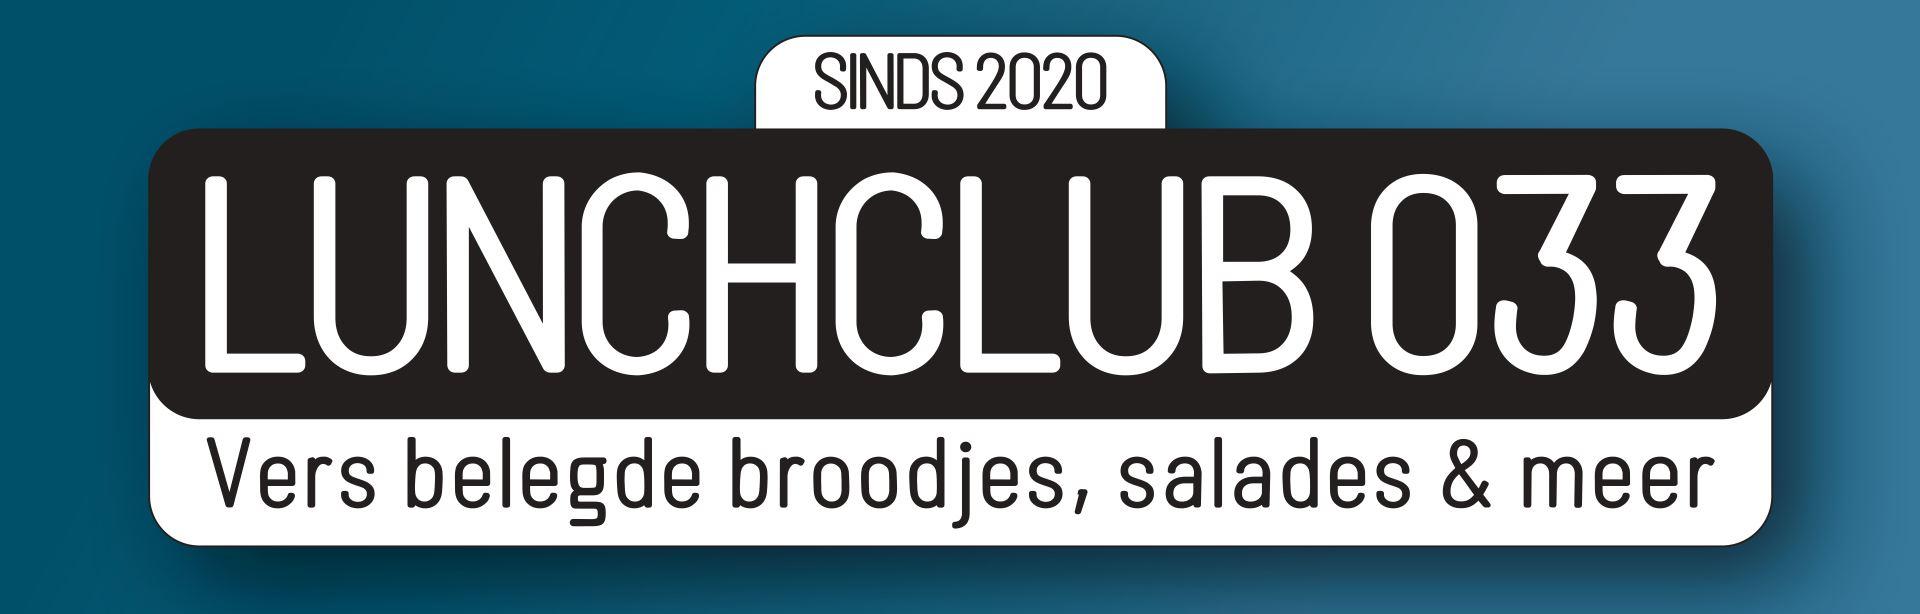 LUNCHCLUB 033